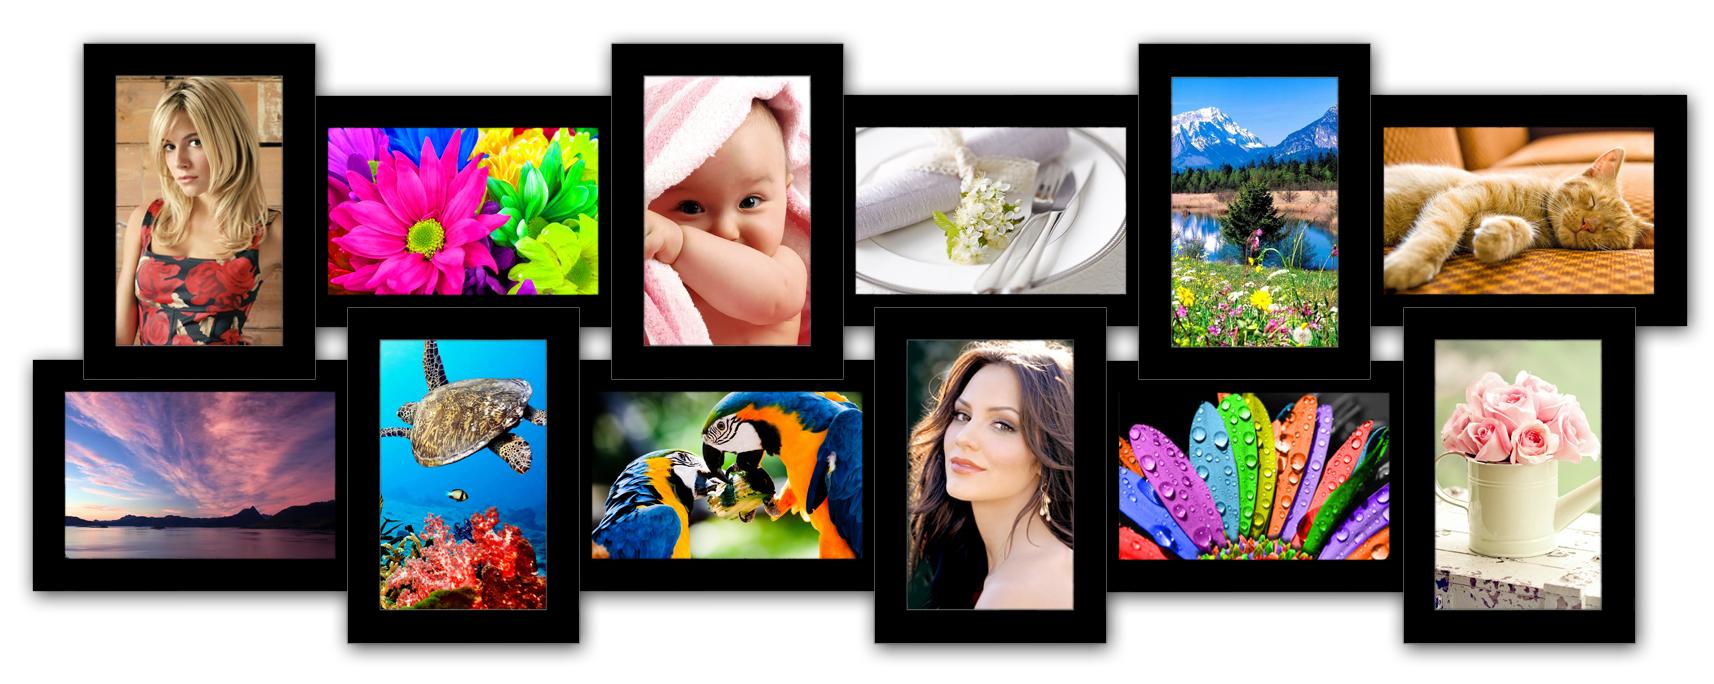 фоторамка история 12 на много фото